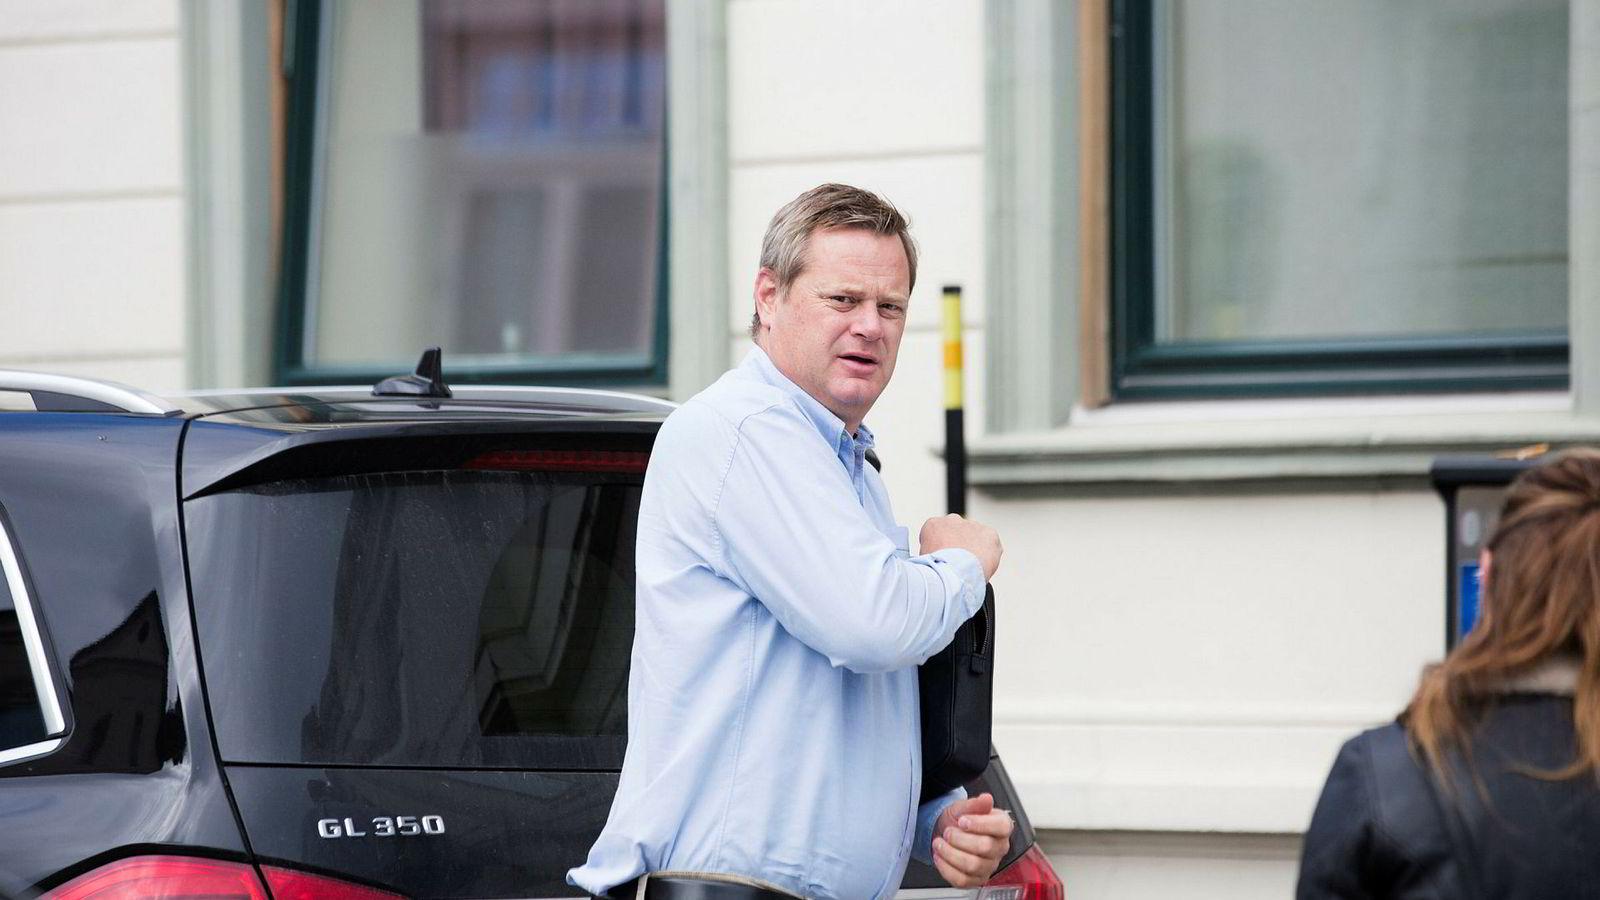 Einar Aas måttet selge unna eiendommer for å tilfredsstille kreditorer etter at kraftveddemål slo fullstendig feil høsten 2018. To av hans kompanjonger fikk imidlertid et godt år da 2018 skulle summeres opp.